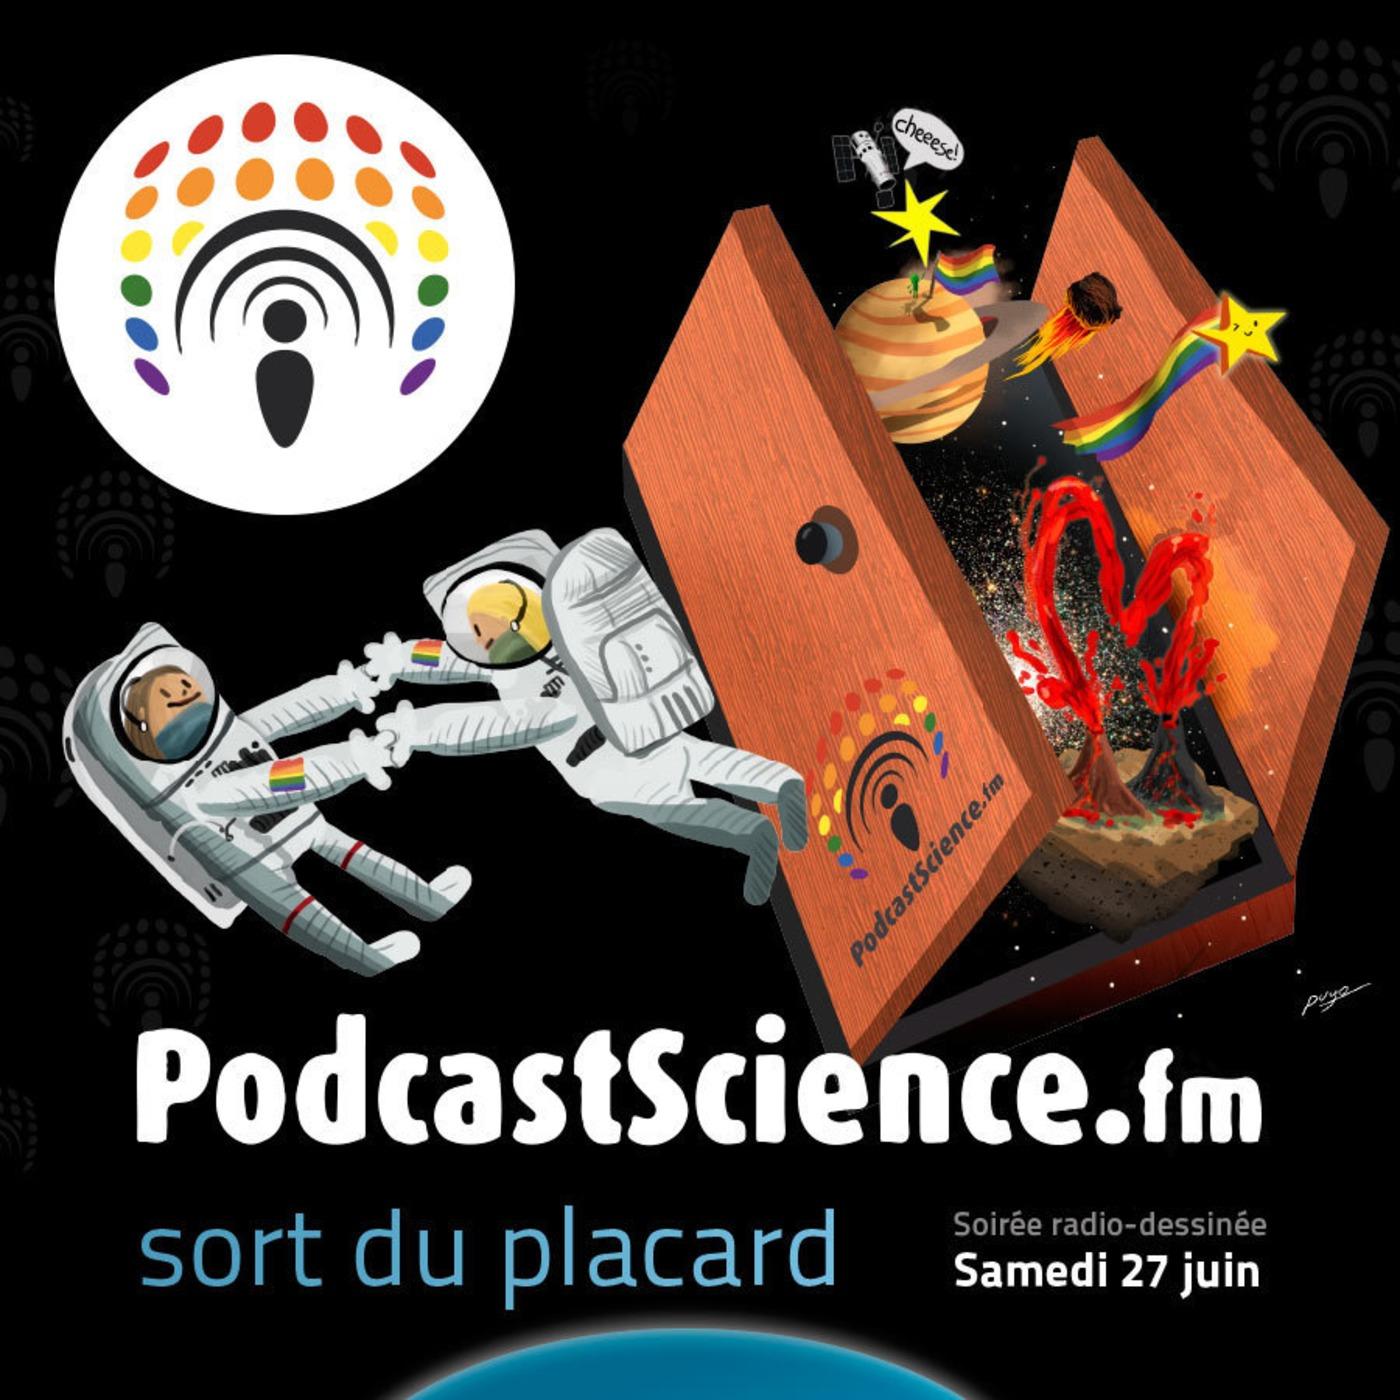 LisezLaScience - HS-6 - Évènement #psSortDuPlacard - version complète de l'épisode 225 de Podcastscience